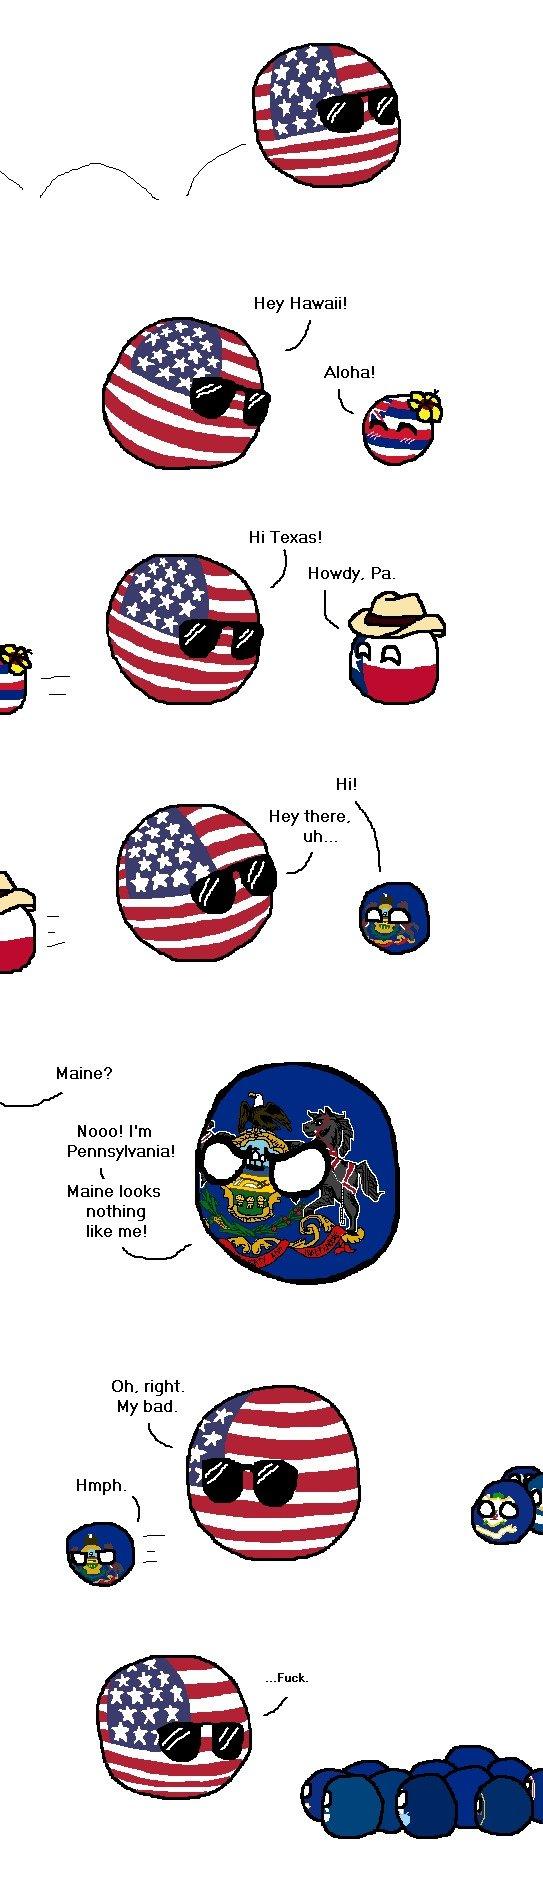 Distinguishing Traits. . Hey Hawaii! Aloha! H i Texas I Howdy.. Pa. Hey there, Maine? Nolol I' m Pennsylvania! Maine looks nothing like me!. Ah yeah Distinguishing Traits Hey Hawaii! Aloha! H i Texas I Howdy Pa there Maine? Nolol I' m Pennsylvania! Maine looks nothing like me! Ah yeah